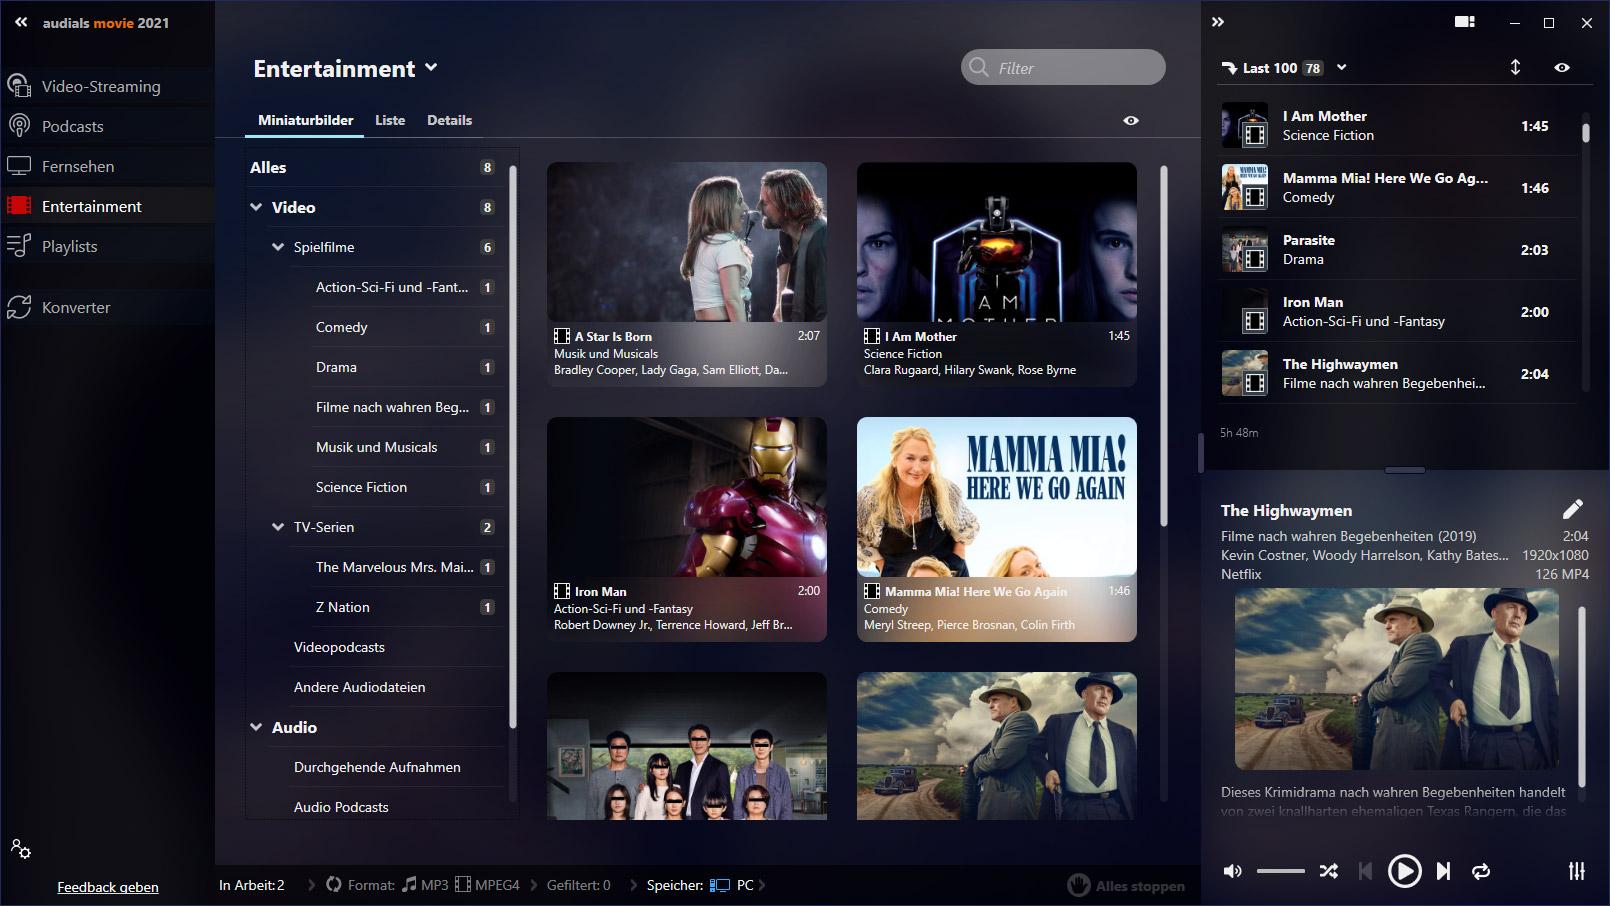 Rtl2 Musik Werbung 2021